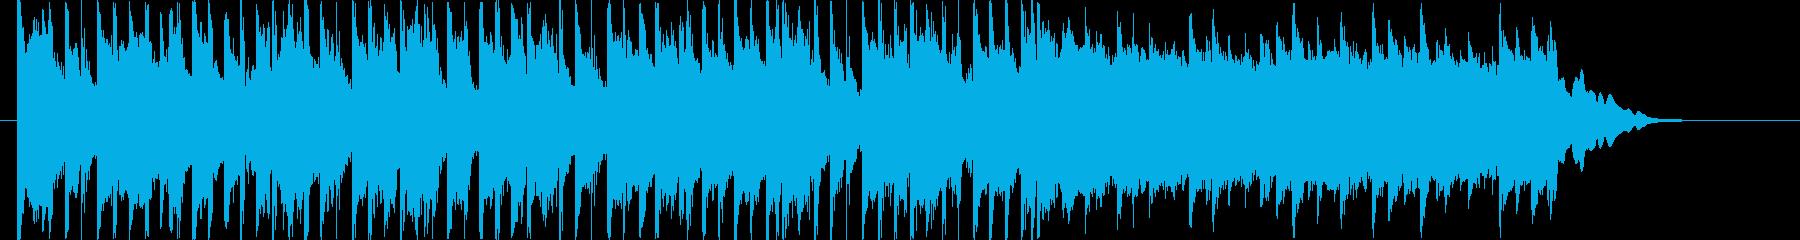 疾走感あるポップBGM(30ver)の再生済みの波形